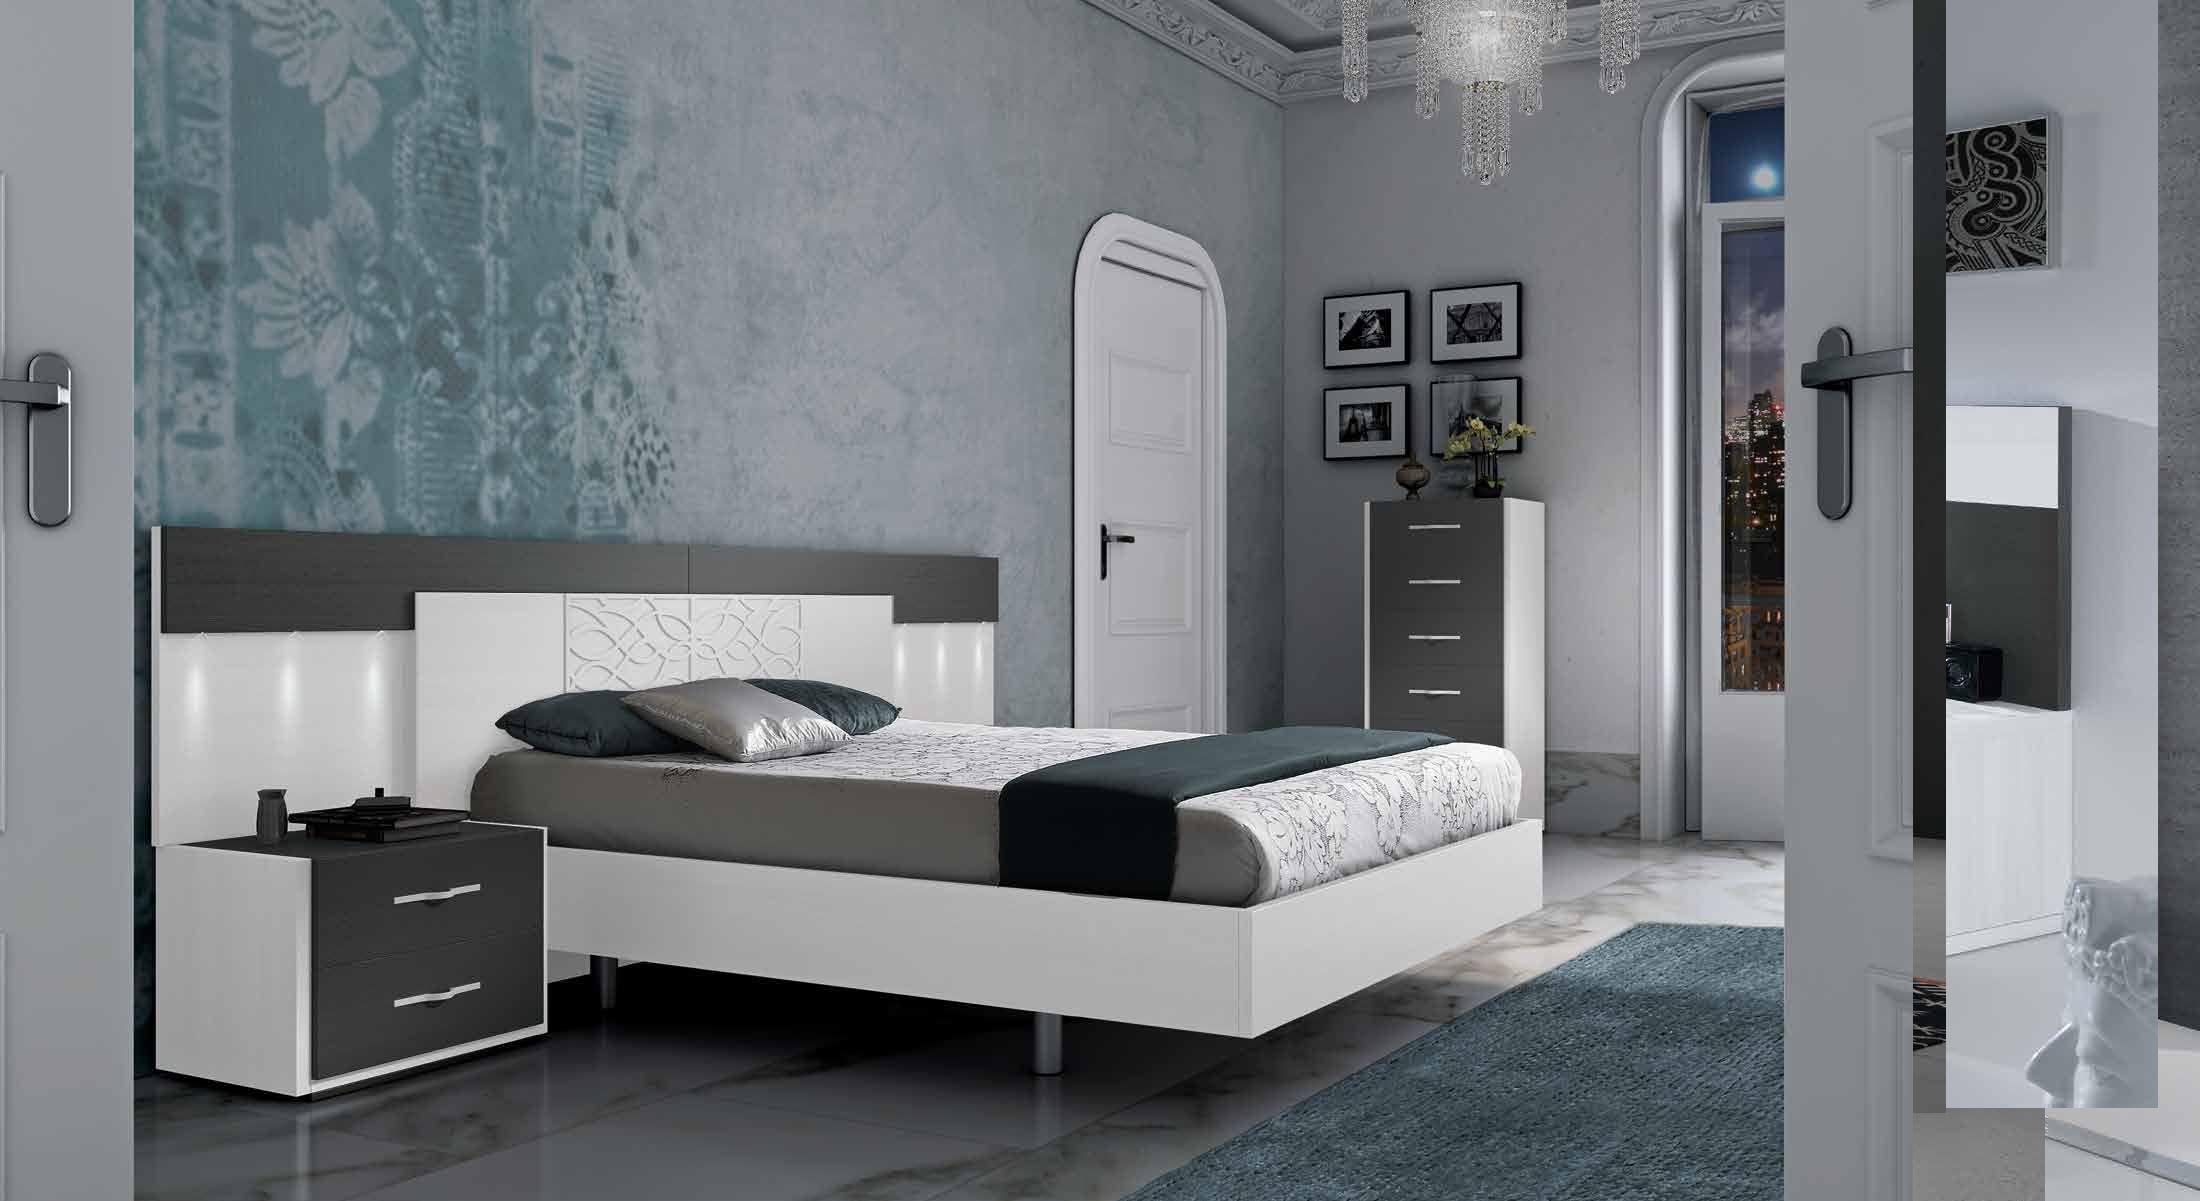 dormitorios de matrimonio cat logo de el rey del mueble